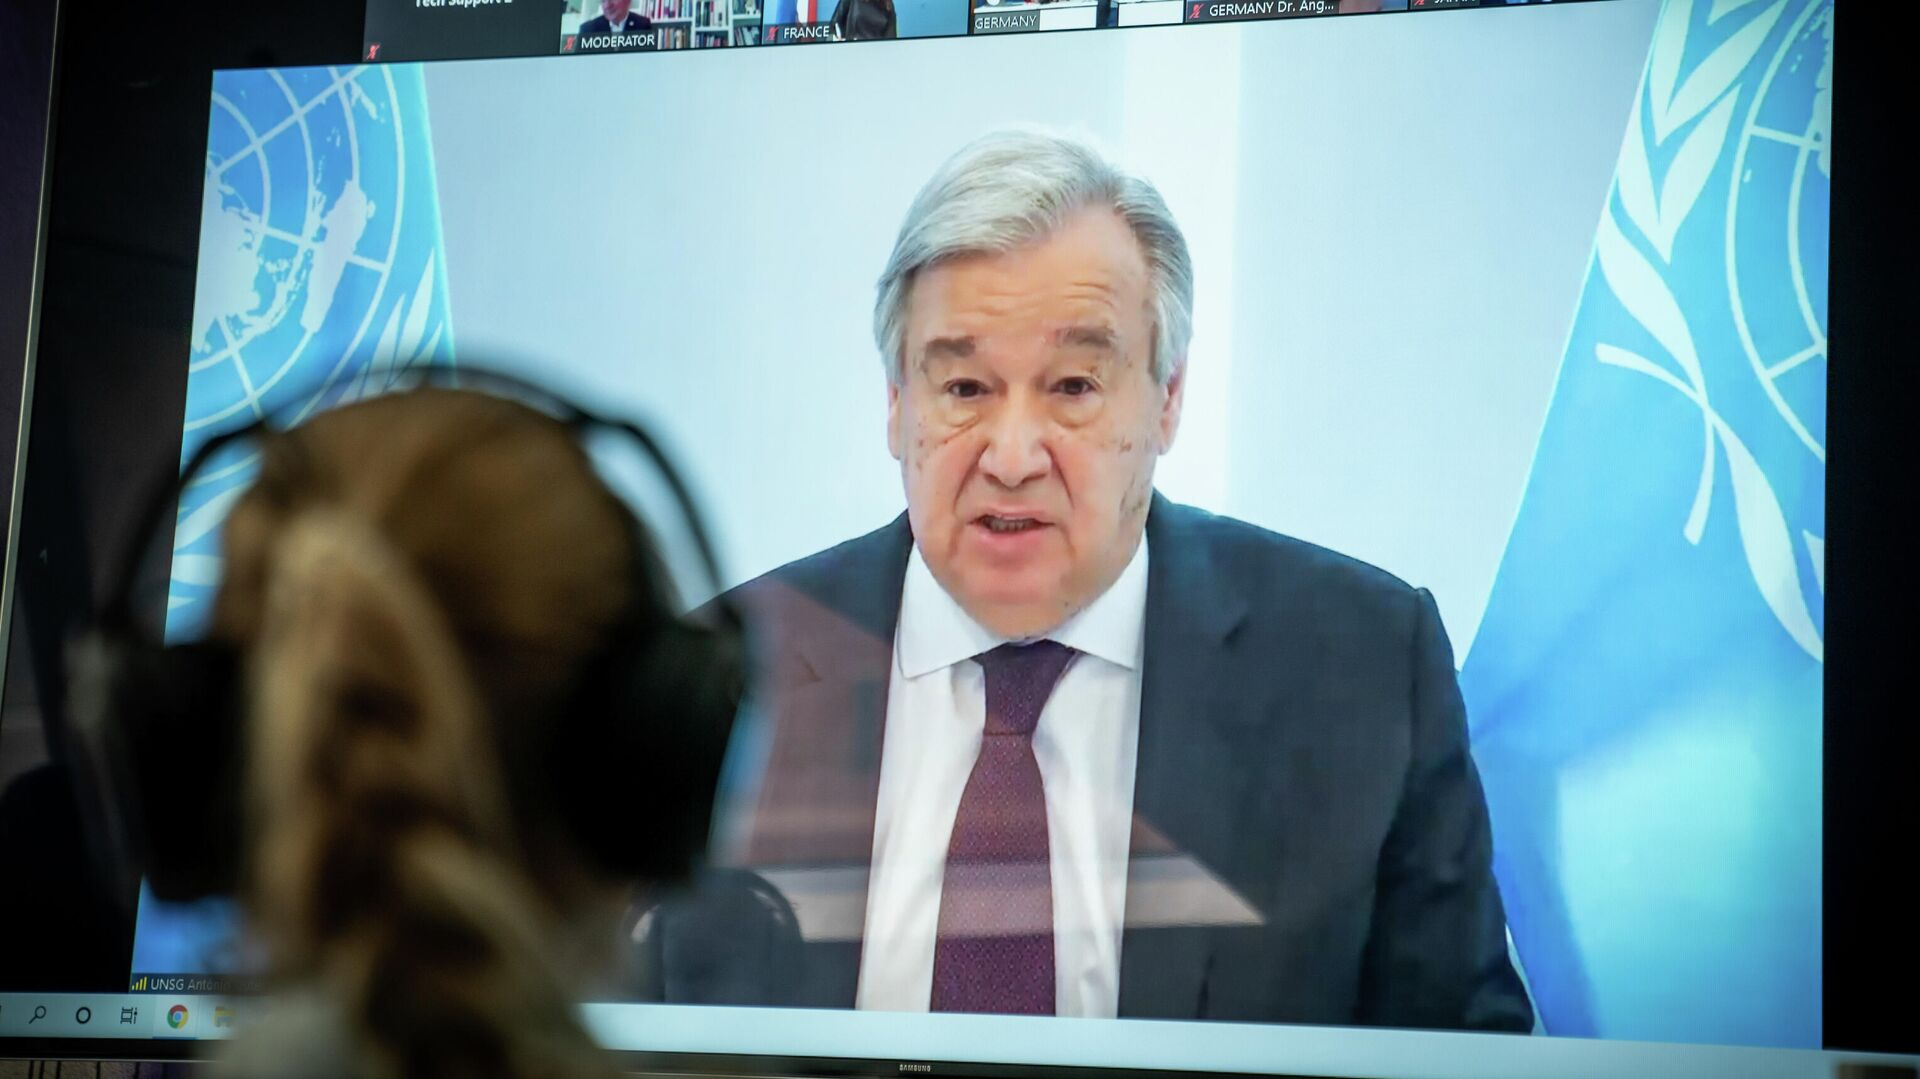 Генеральный секретарь ООНАнтониу Гутерриш выступает на онлайн-конференции. 28 апреля 2020  - РИА Новости, 1920, 10.09.2020